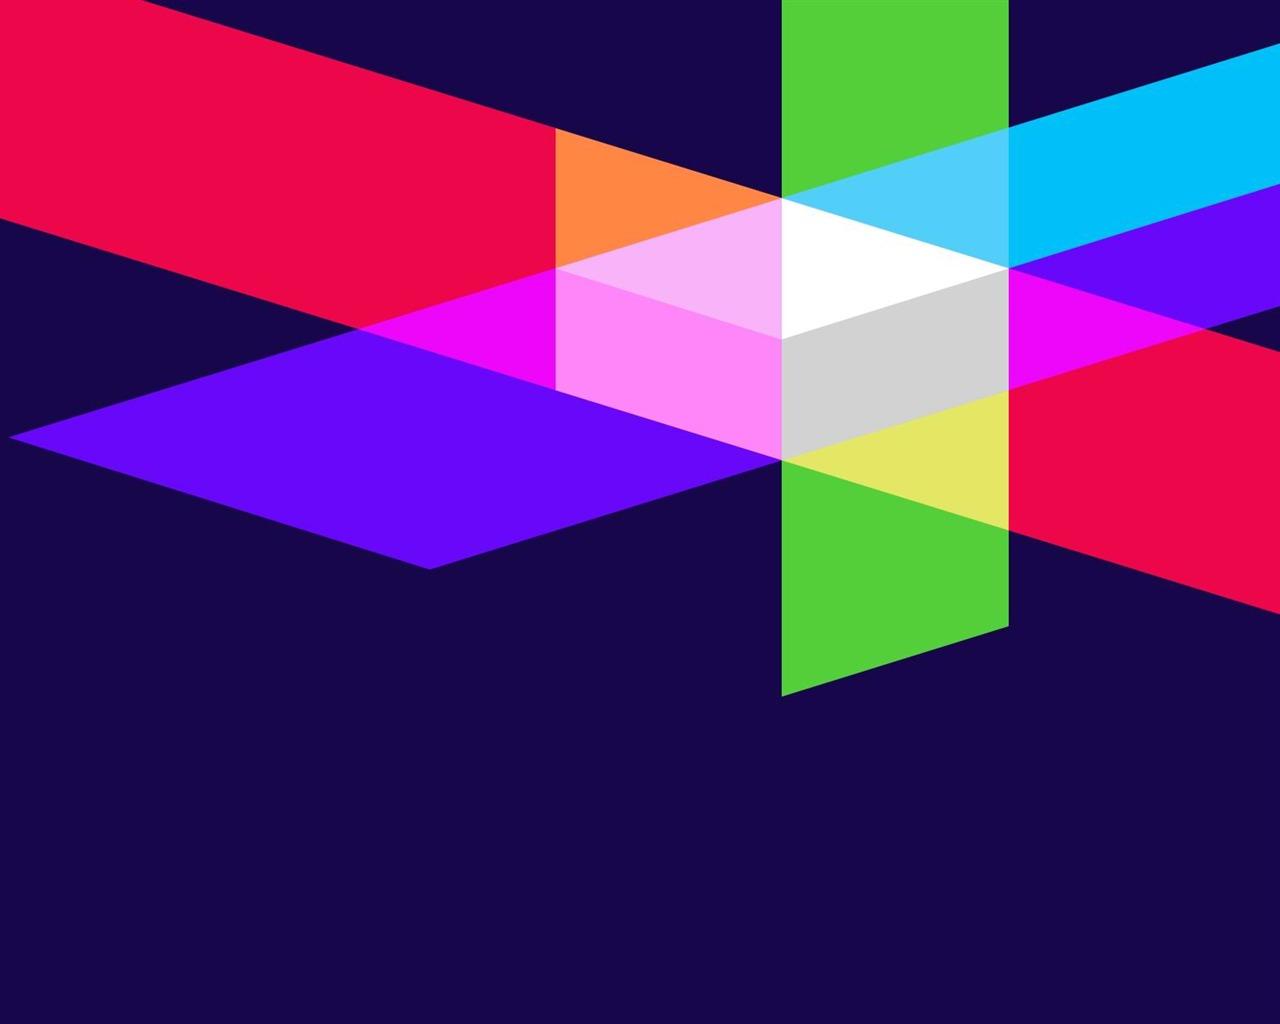 Windows 8 Rtm Hd Wallpaper 15 Preview